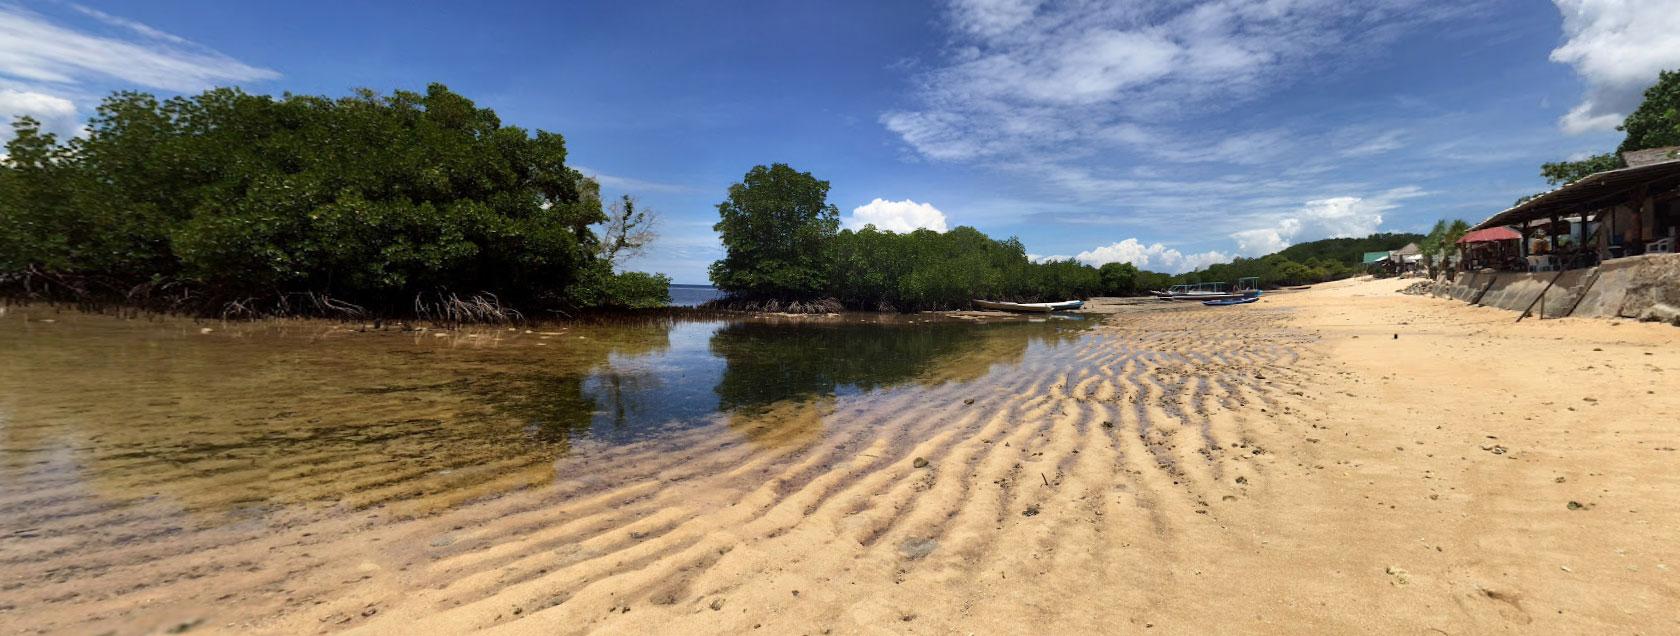 Mangrove Beach - Lembongan Beaches